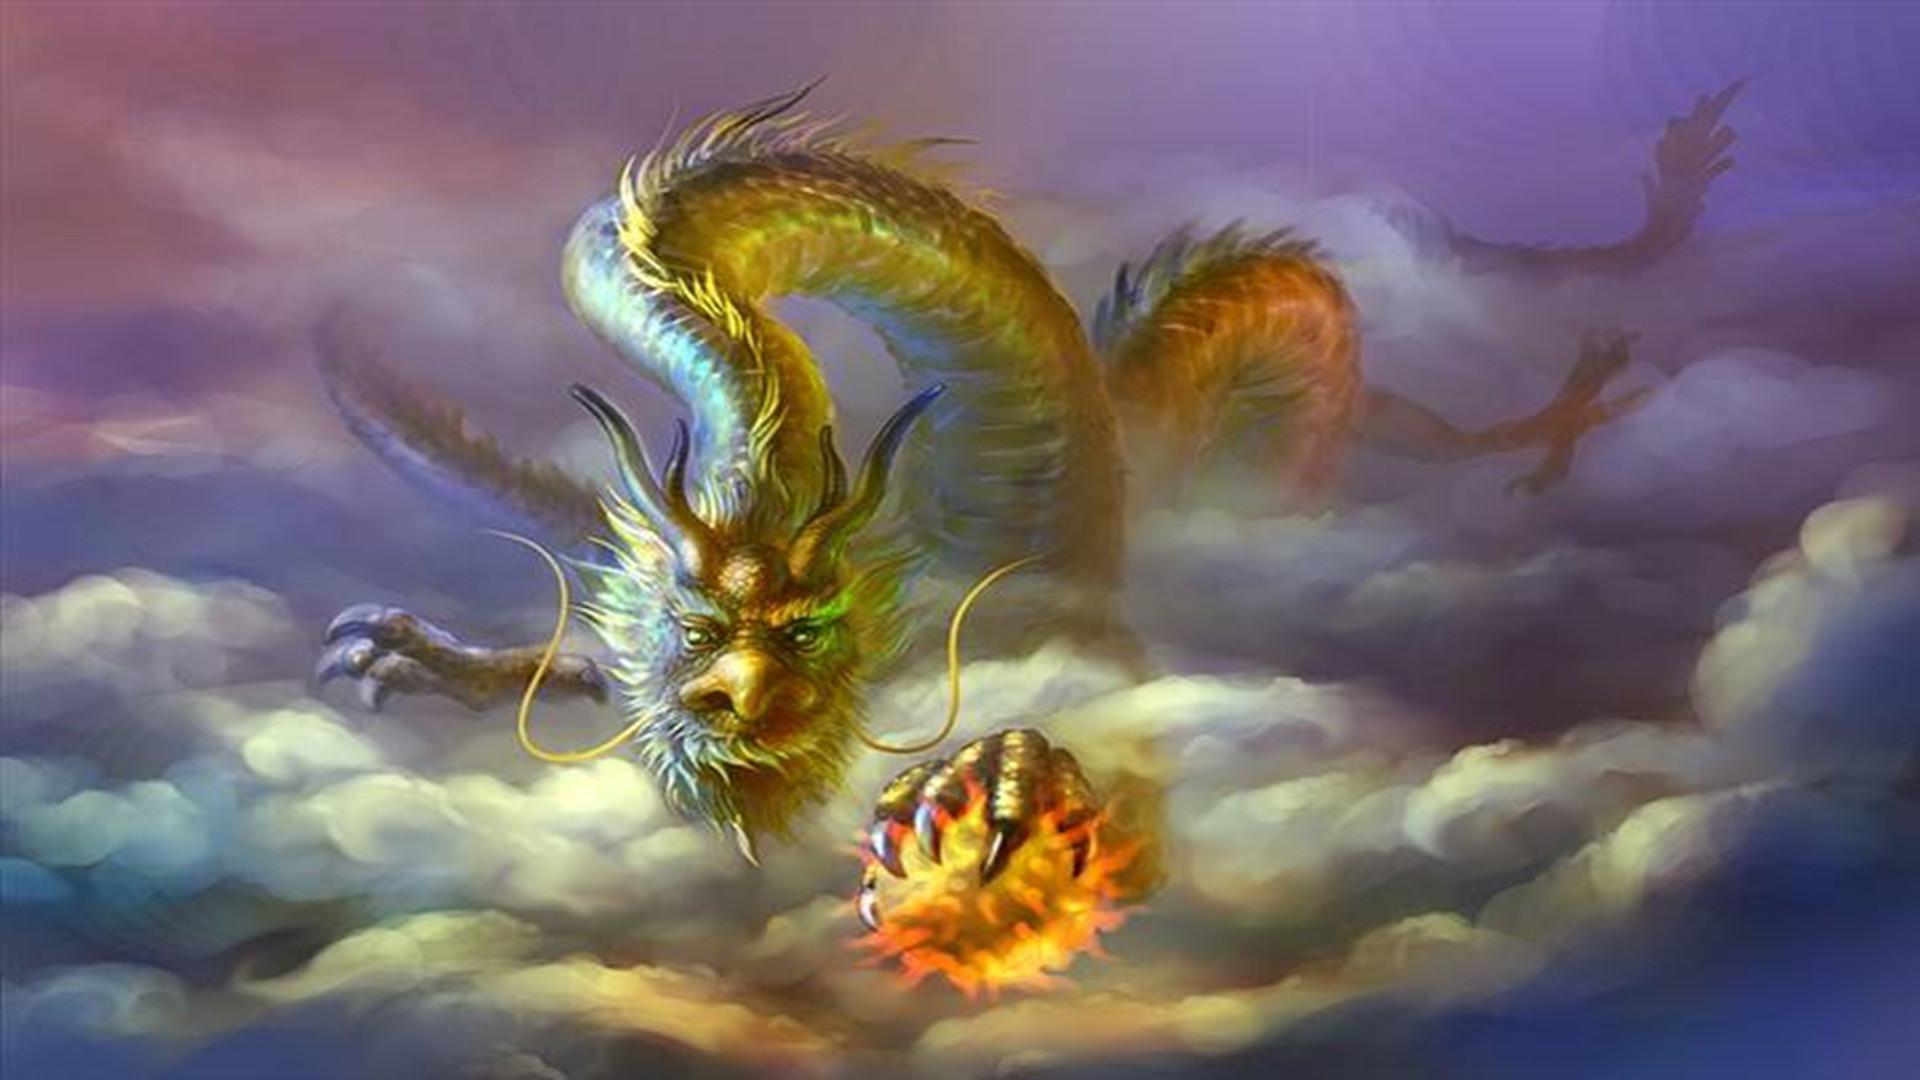 中国龙真是蛇演变过来的吗其实并不是而是另一种动物